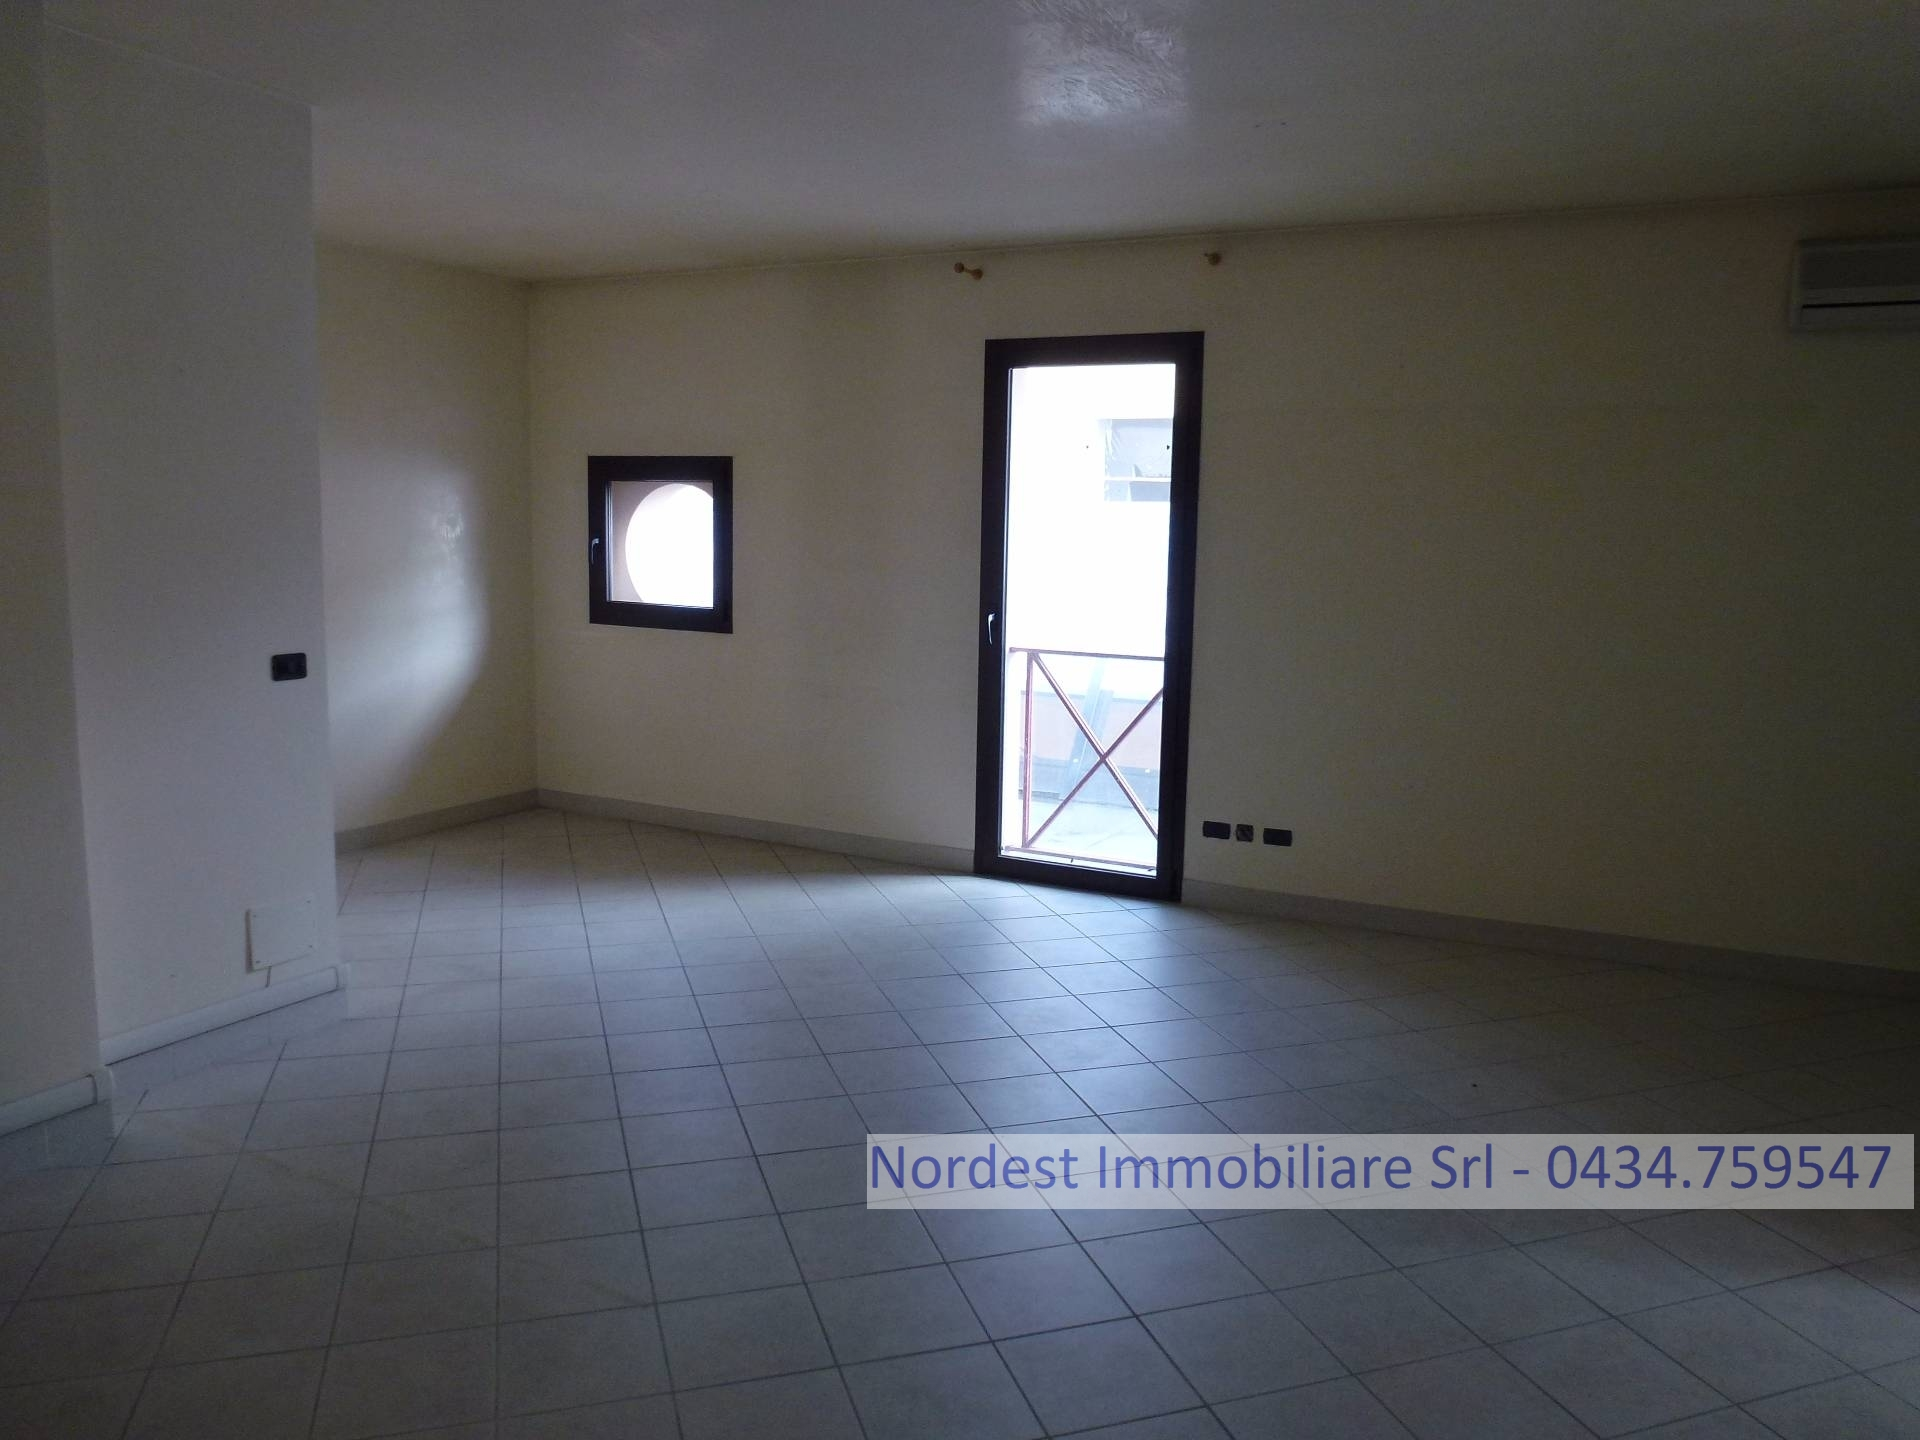 Ufficio / Studio in affitto a Gaiarine, 9999 locali, prezzo € 90.000 | CambioCasa.it